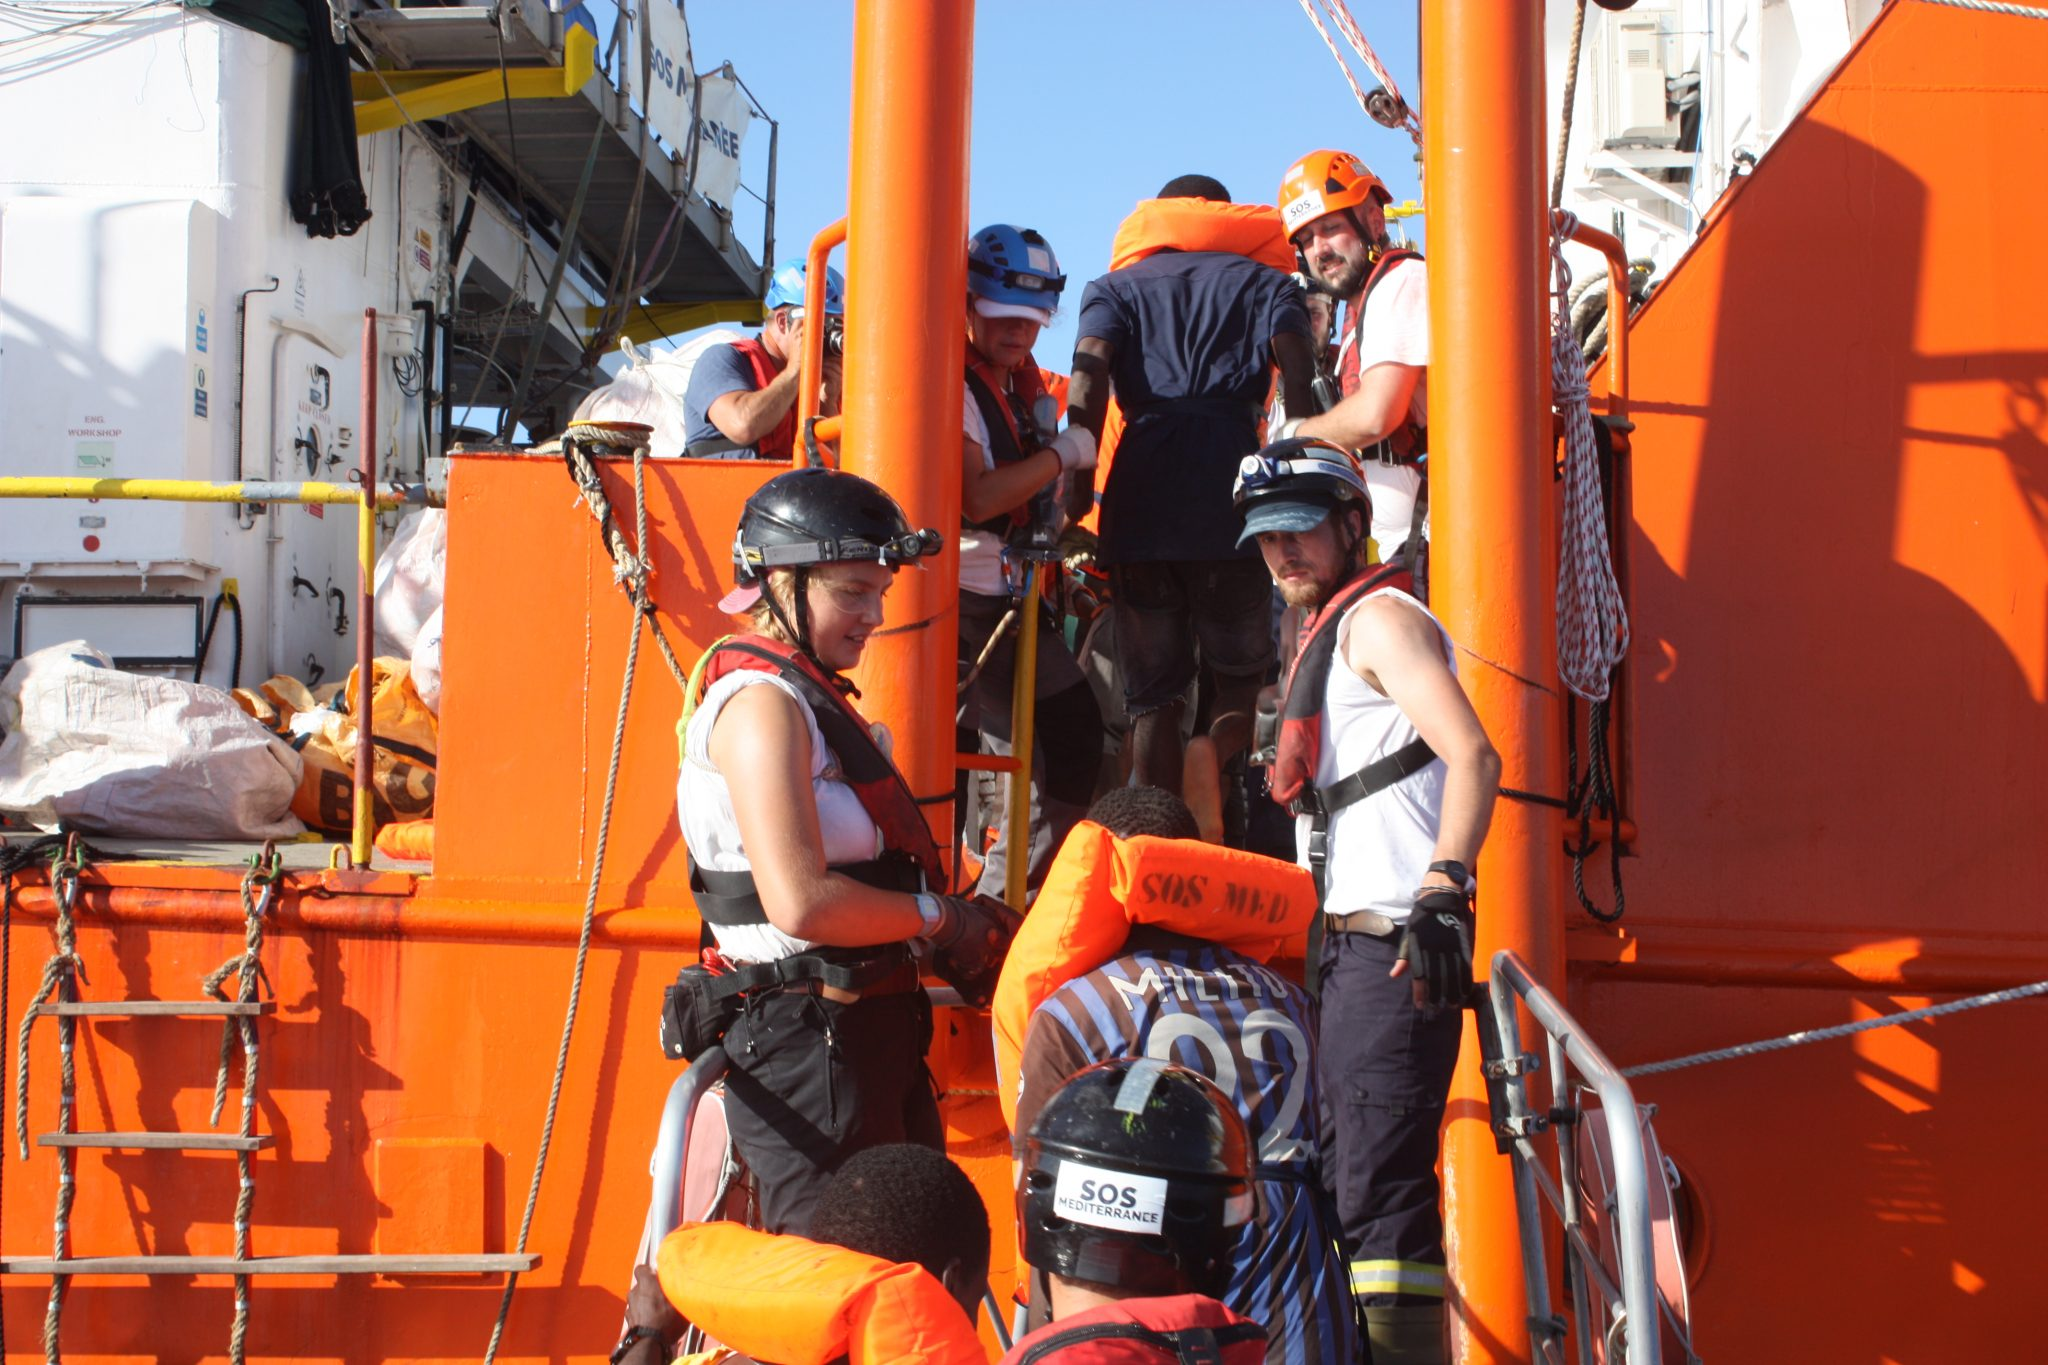 Arriva a Palermo la nave dei bambini: 241, mai così tanti